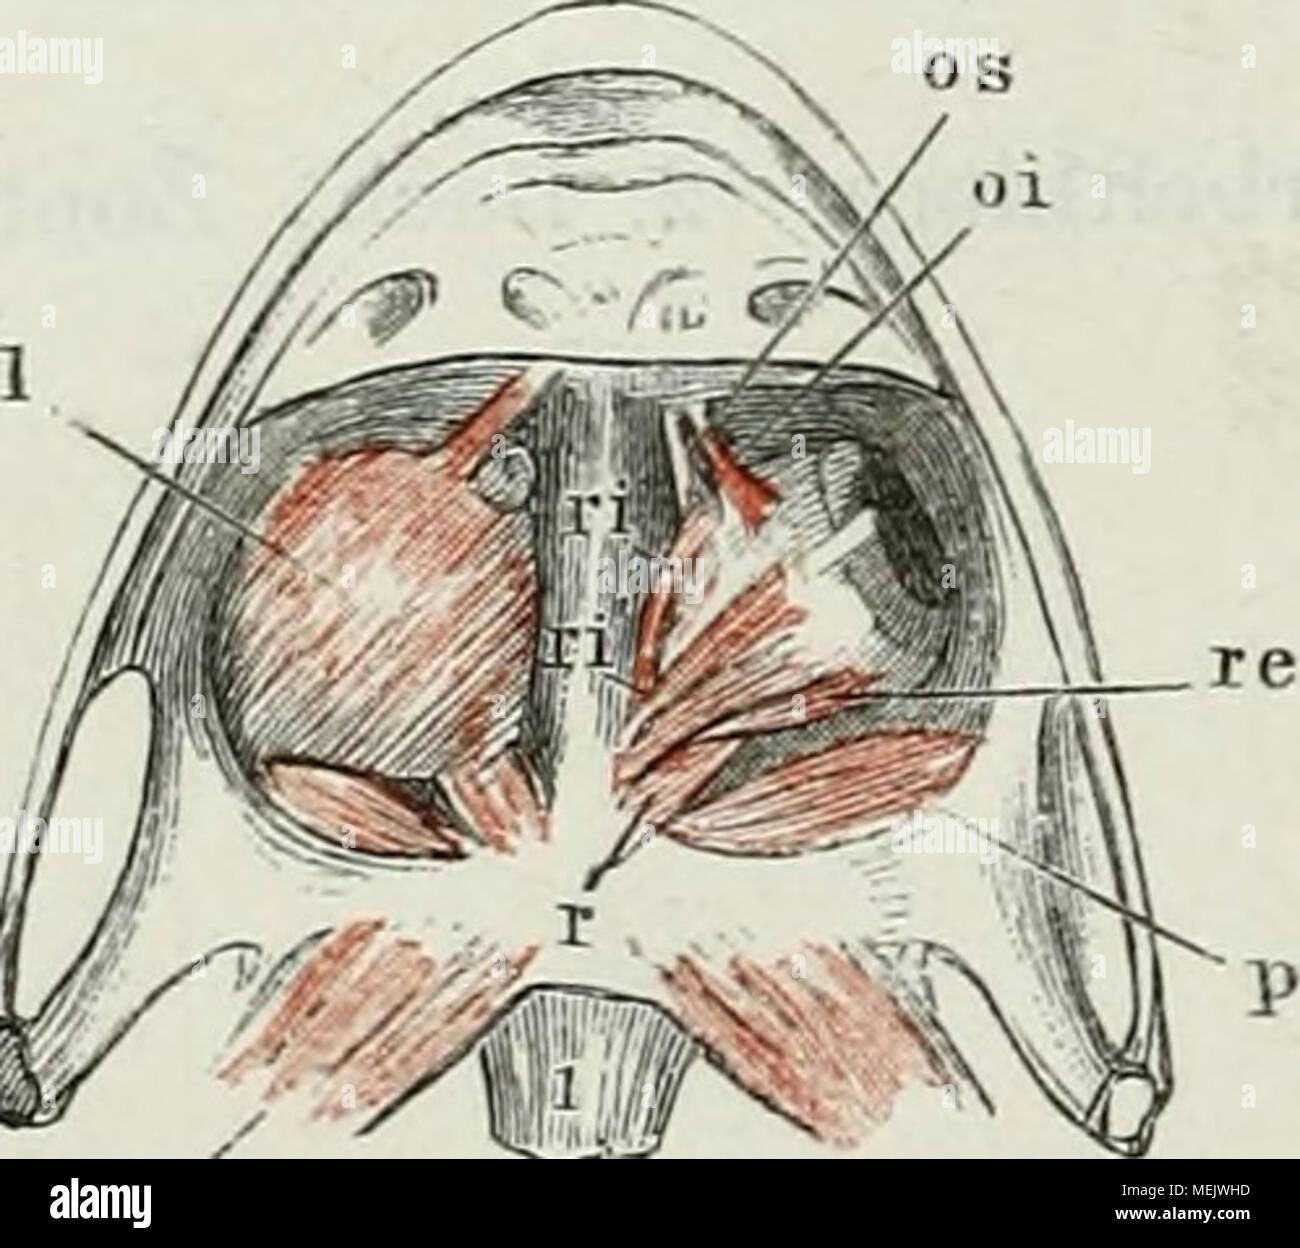 Pterygoideus Immagini & Pterygoideus Fotos Stock - Alamy